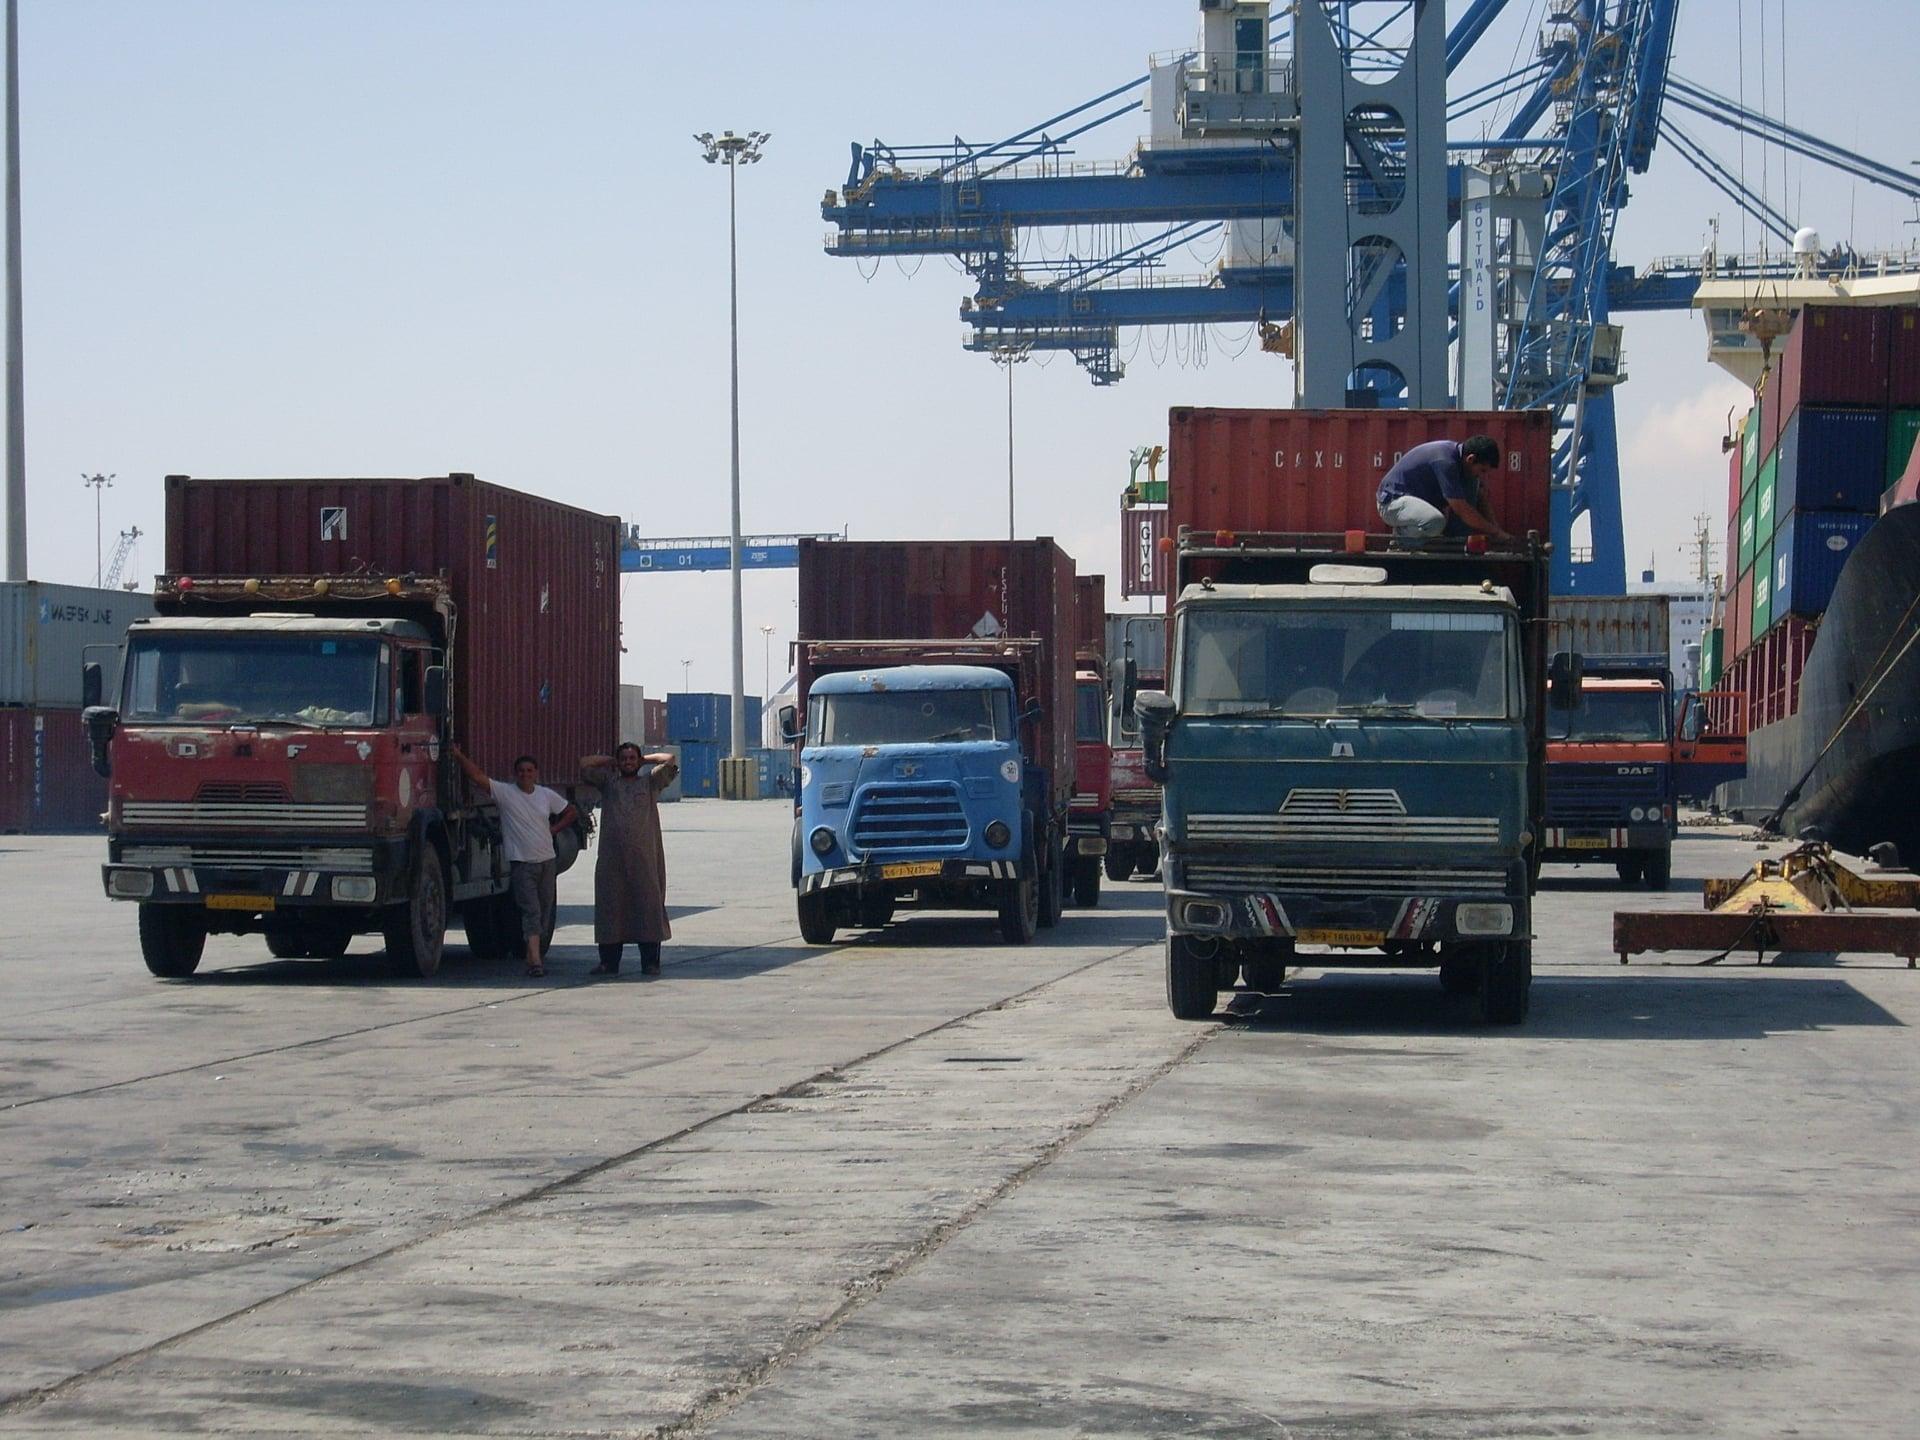 Daf-in-de-haven-van-Tripolie-2018--Ad-van-Heel-geel-archief--(16)